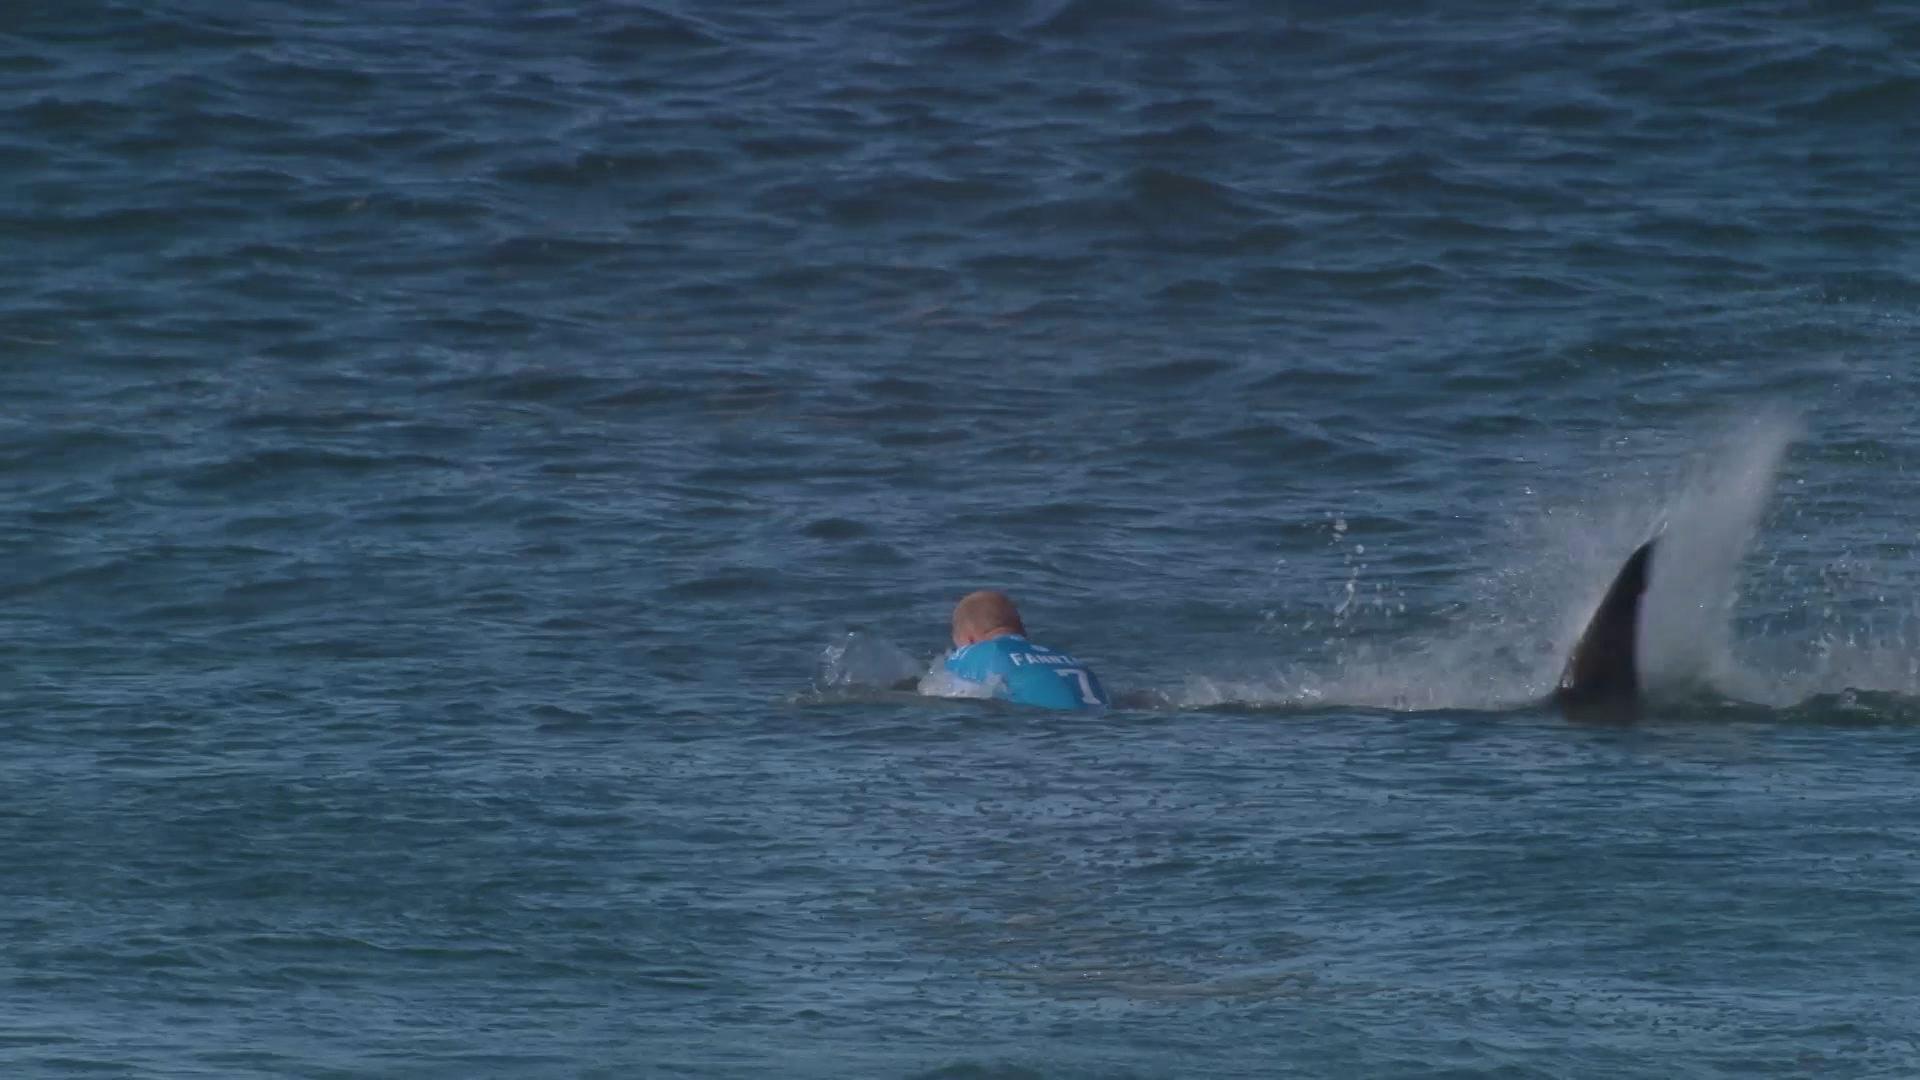 サーフィン世界大会で巨大サメが選手襲う!